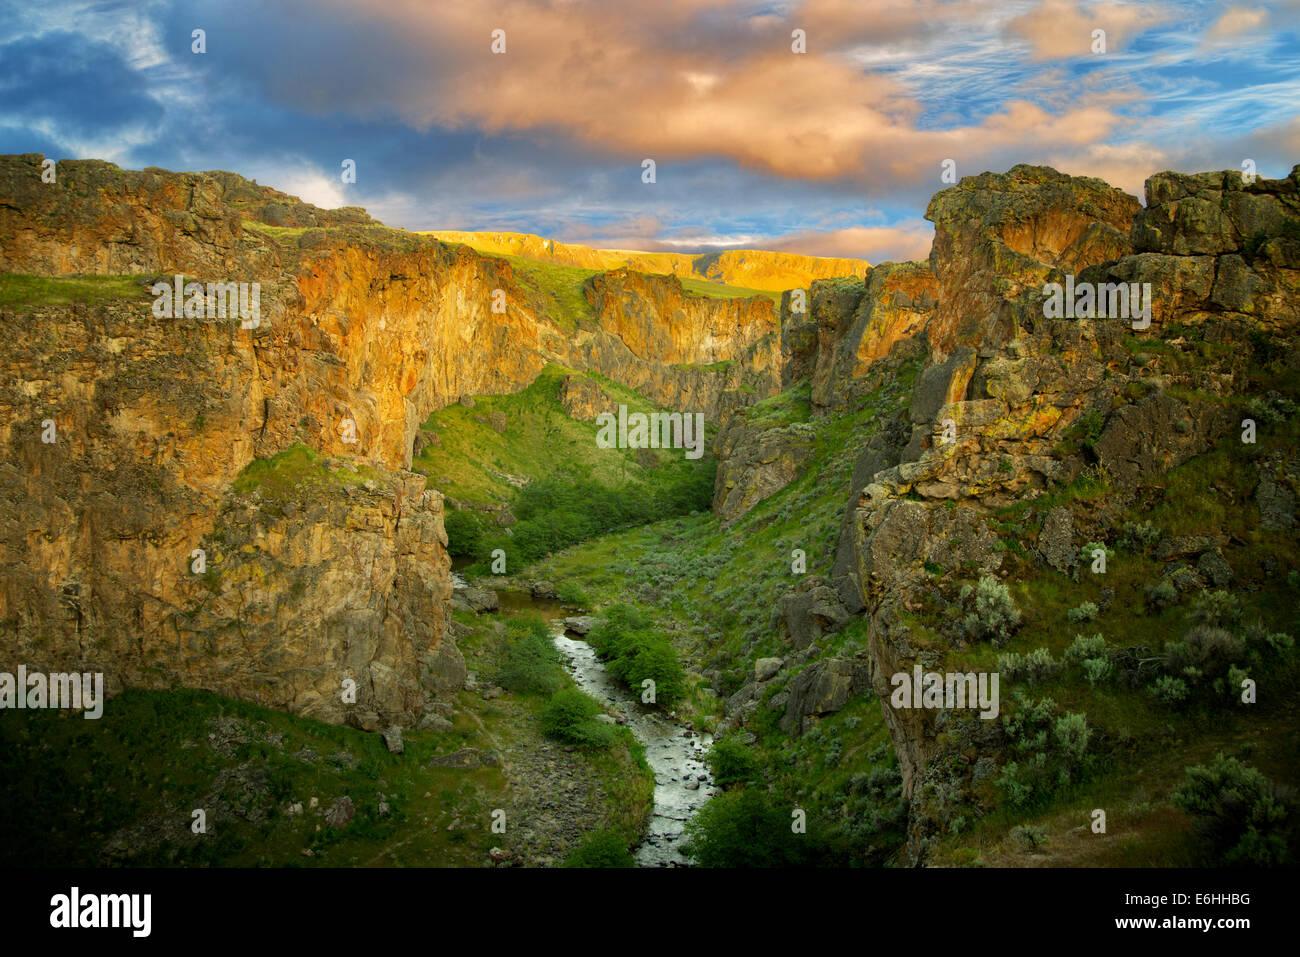 Beistand Creek Canyon mit Sonnenuntergang. Malheur Grafschaft, Oregon Stockbild